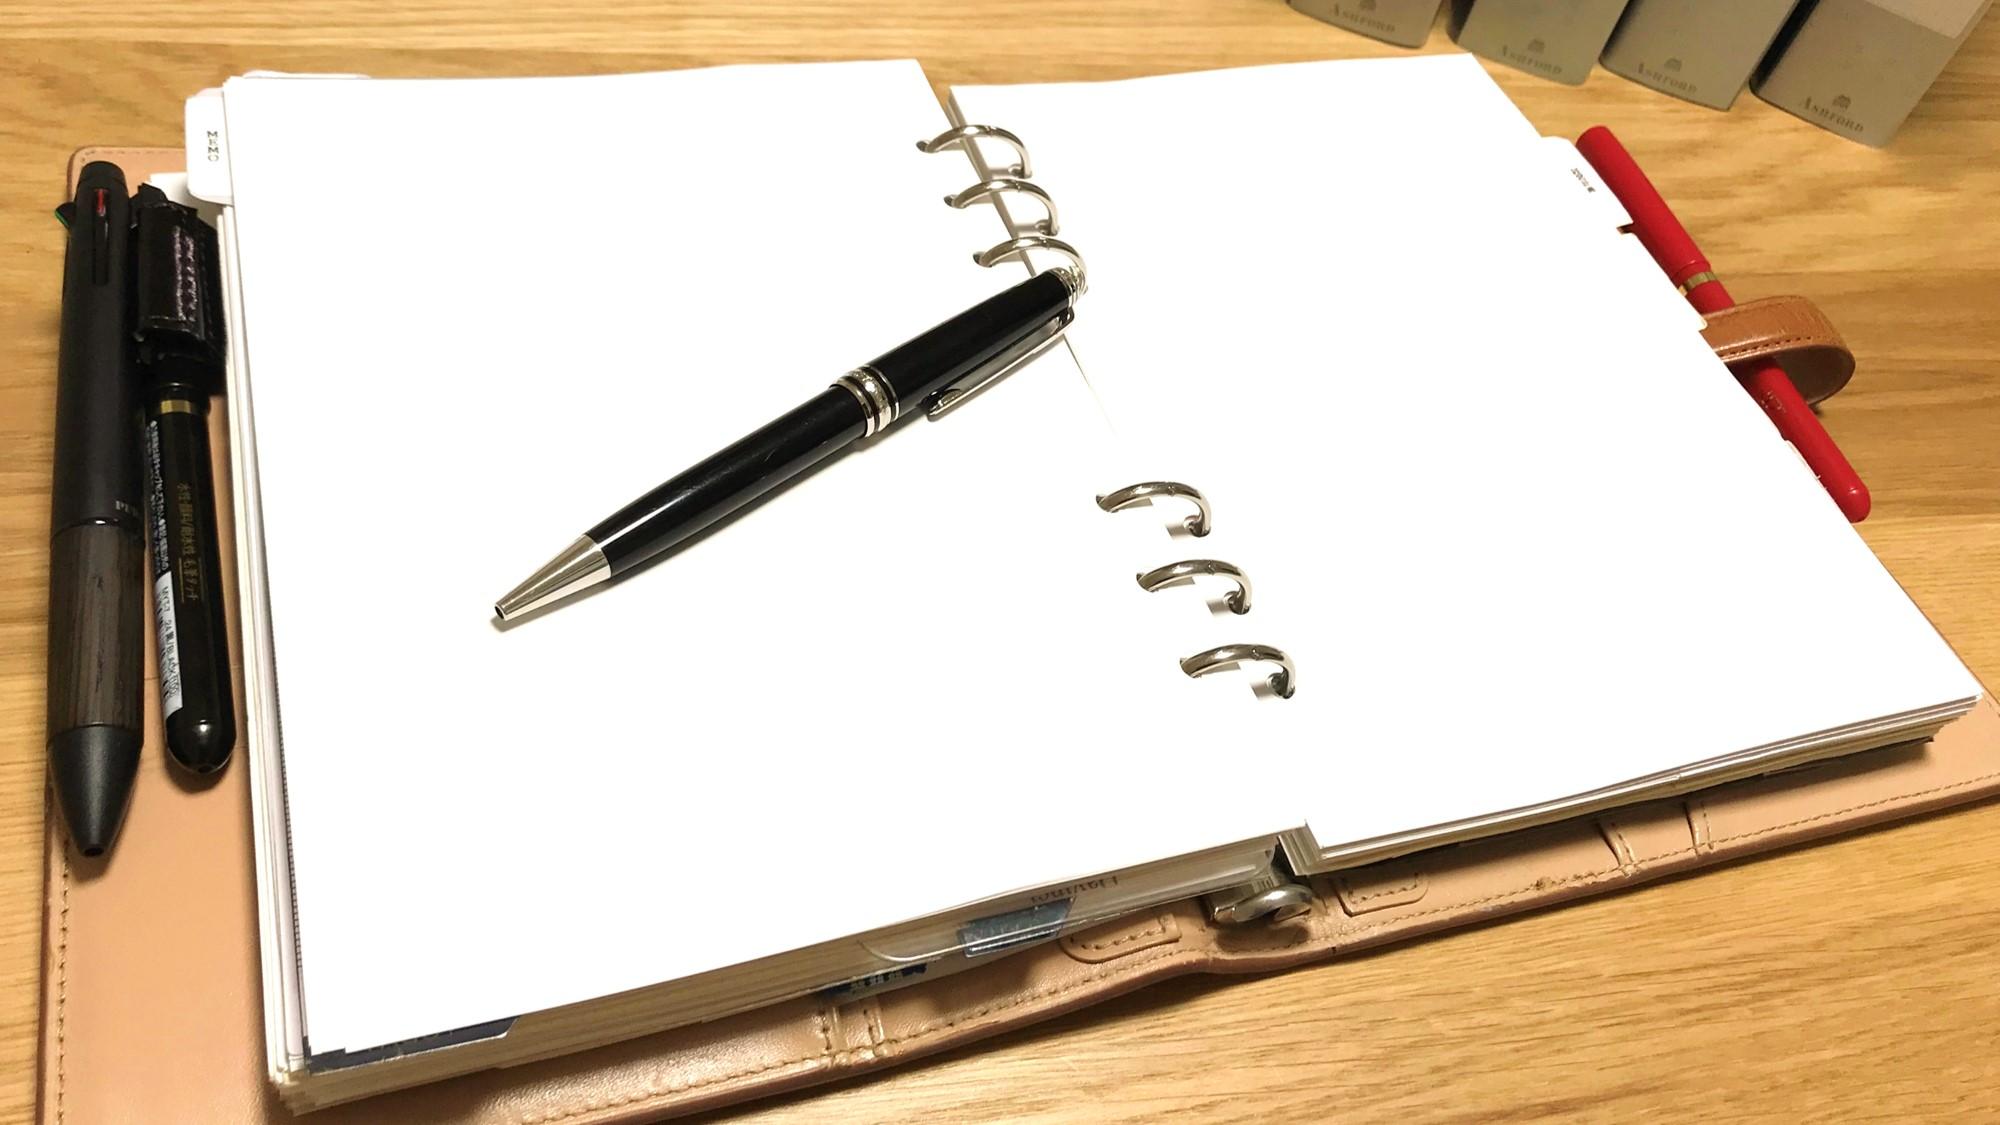 私が「綴じ手帳」ではなく「システム手帳」の活用をお勧めする理由